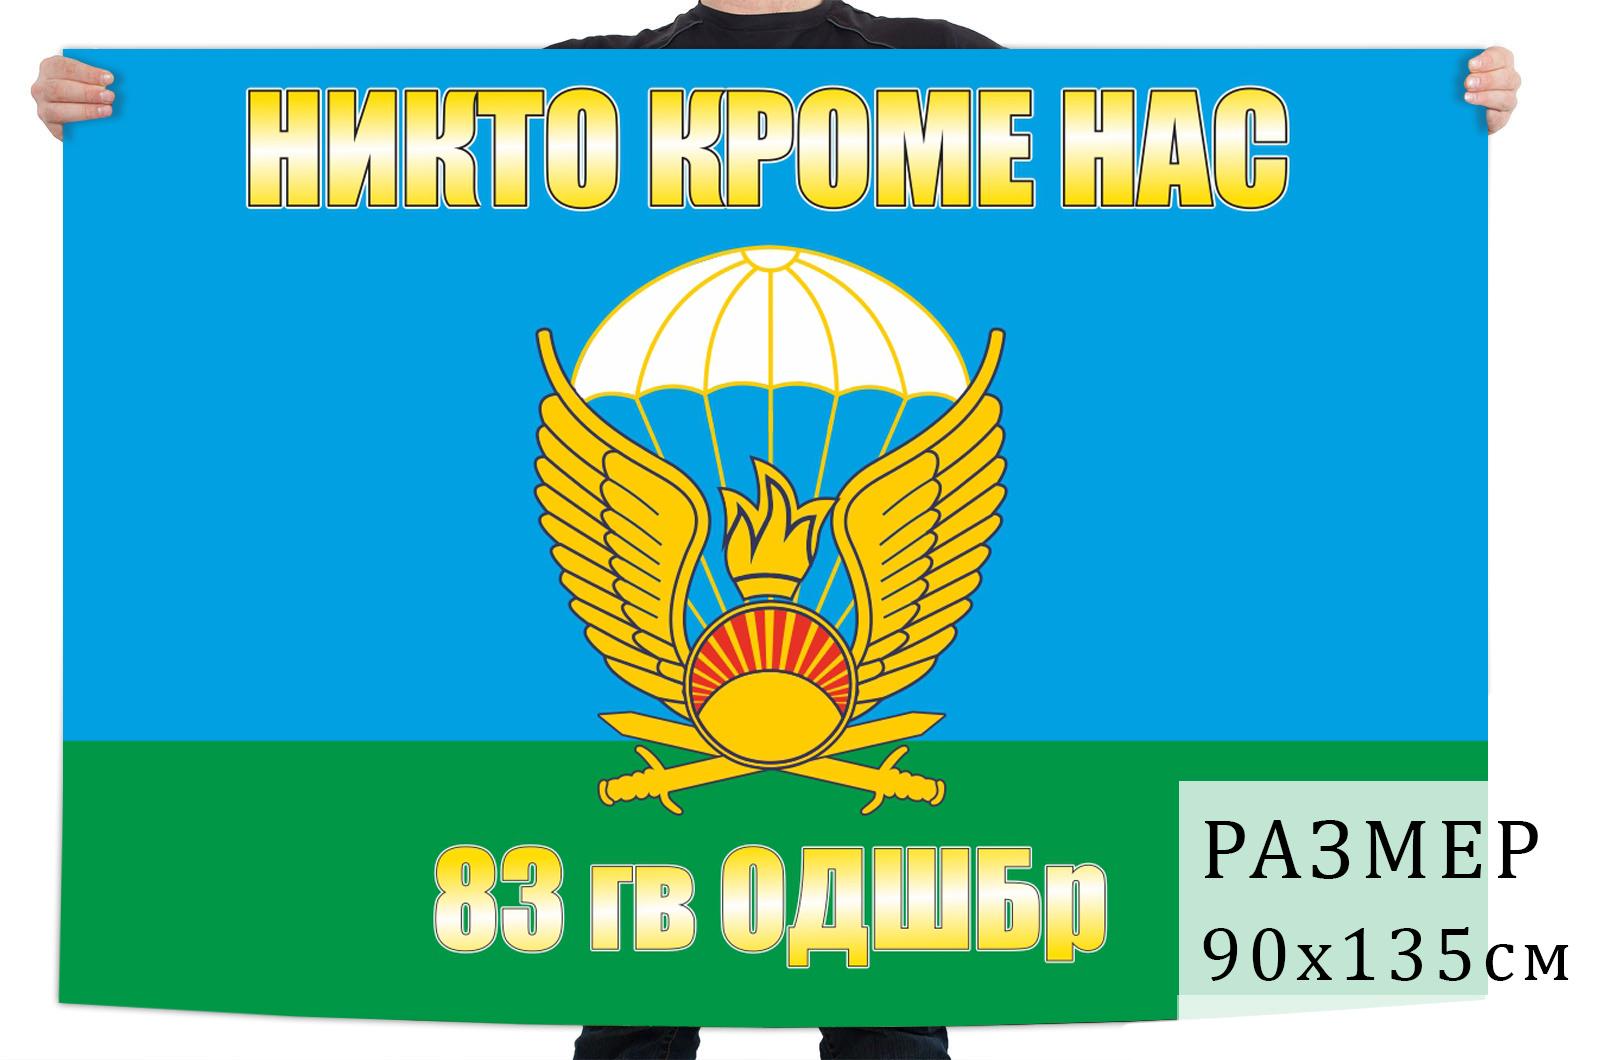 Купить флаг 83-я десантно-штурмовая бригада